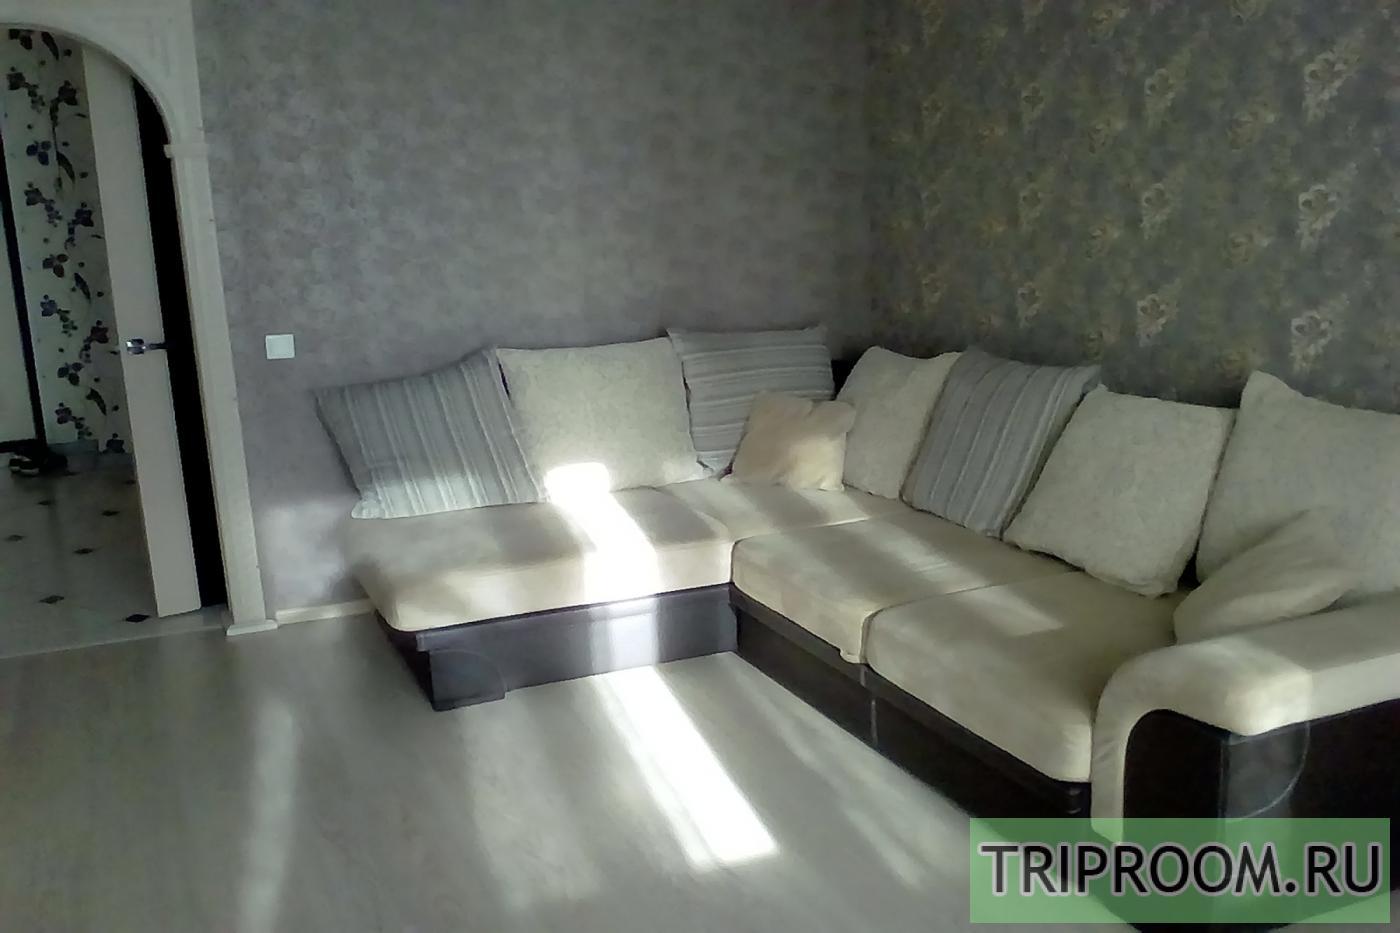 1-комнатная квартира посуточно (вариант № 33410), ул. Ворошилова улица, фото № 7